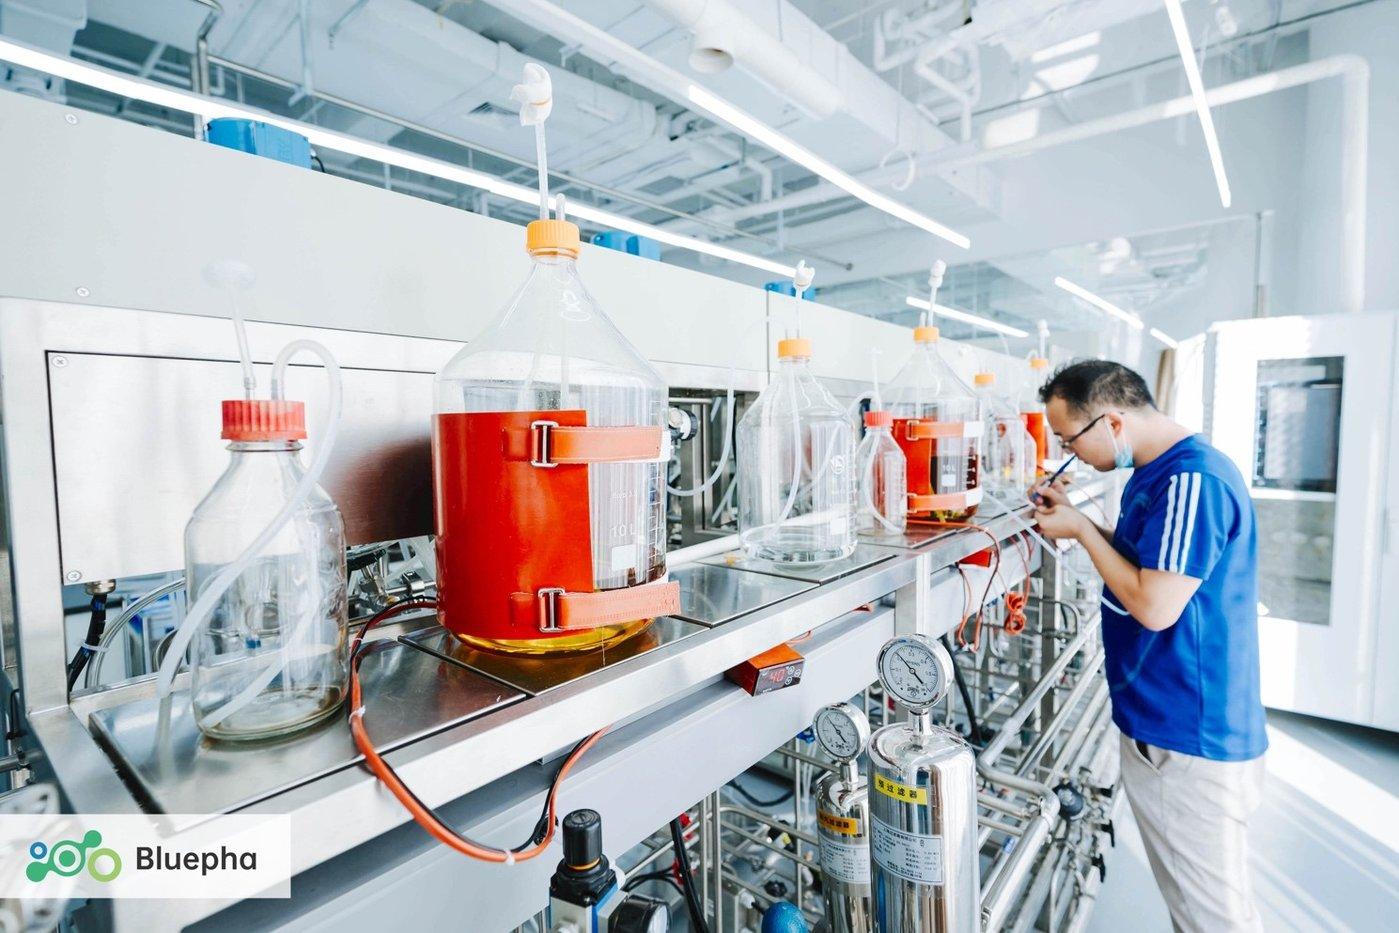 图|蓝晶微生物数字化生物反应器平台